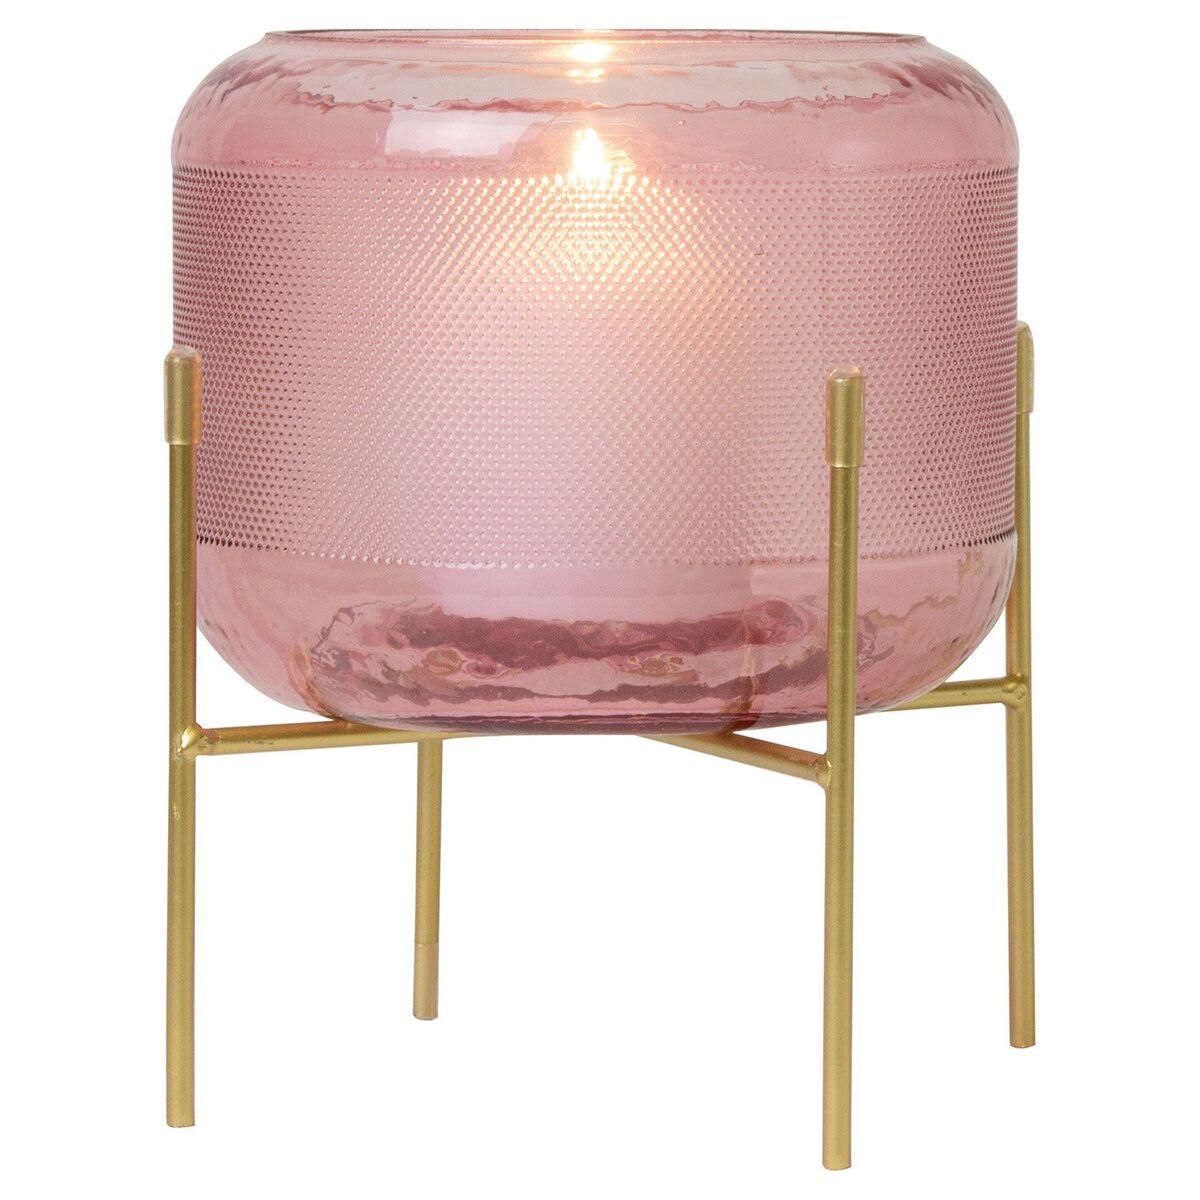 Bild 1 von CASA DECO Windlicht/Teelichthalter